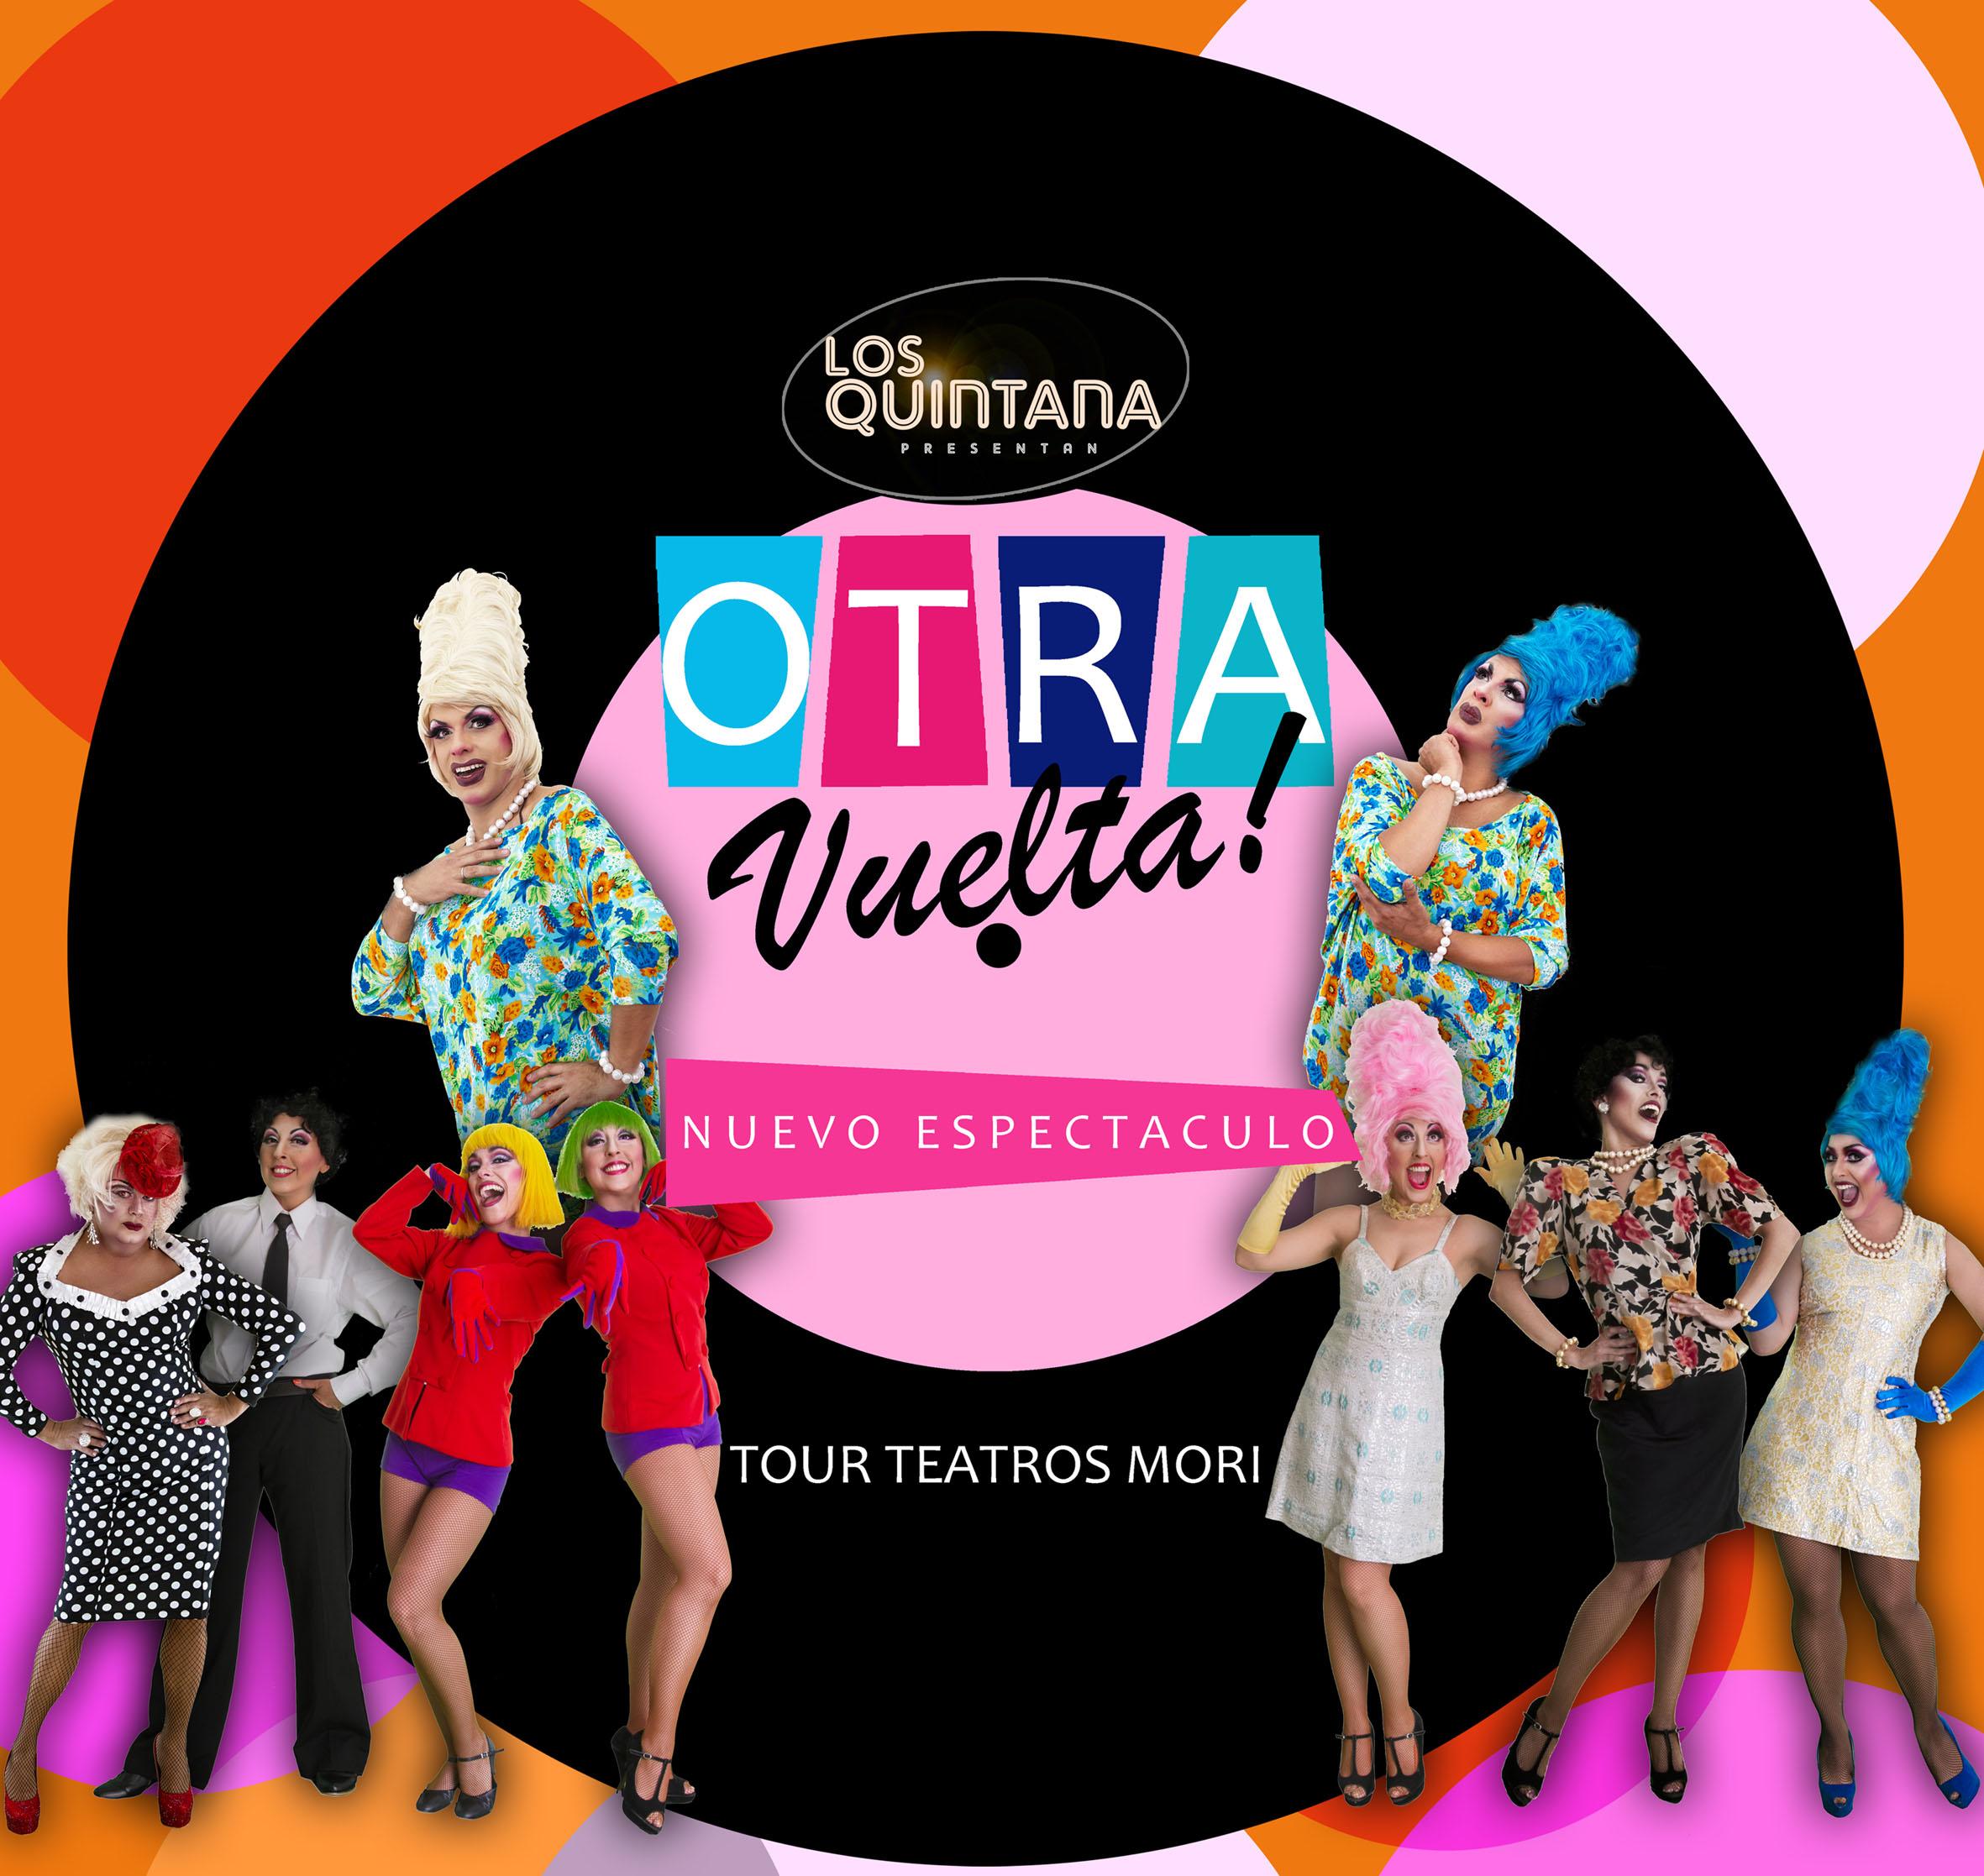 """Los Quintana vienen por """"Otra vuelta!"""" a Chile en un tour por las salas de Teatro Mori"""